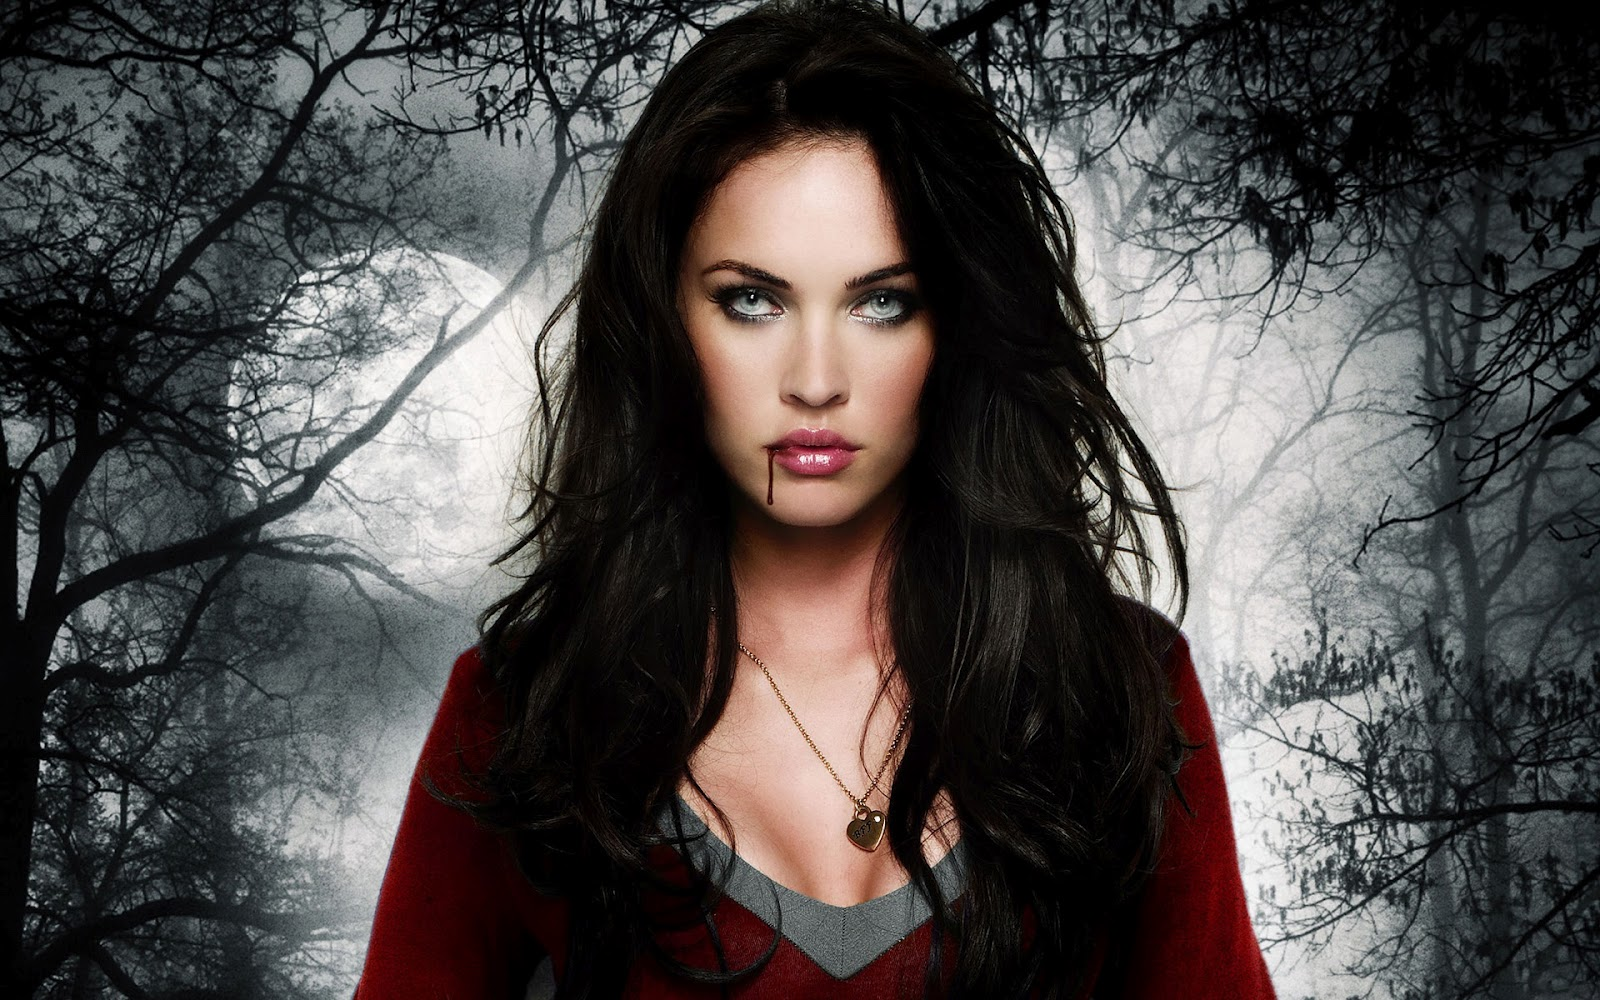 http://1.bp.blogspot.com/-jRqH0b5Iq6Y/UB-YJWFhduI/AAAAAAAALbs/2_4I_6RVagg/s1600/megan-fox-vampire.jpg